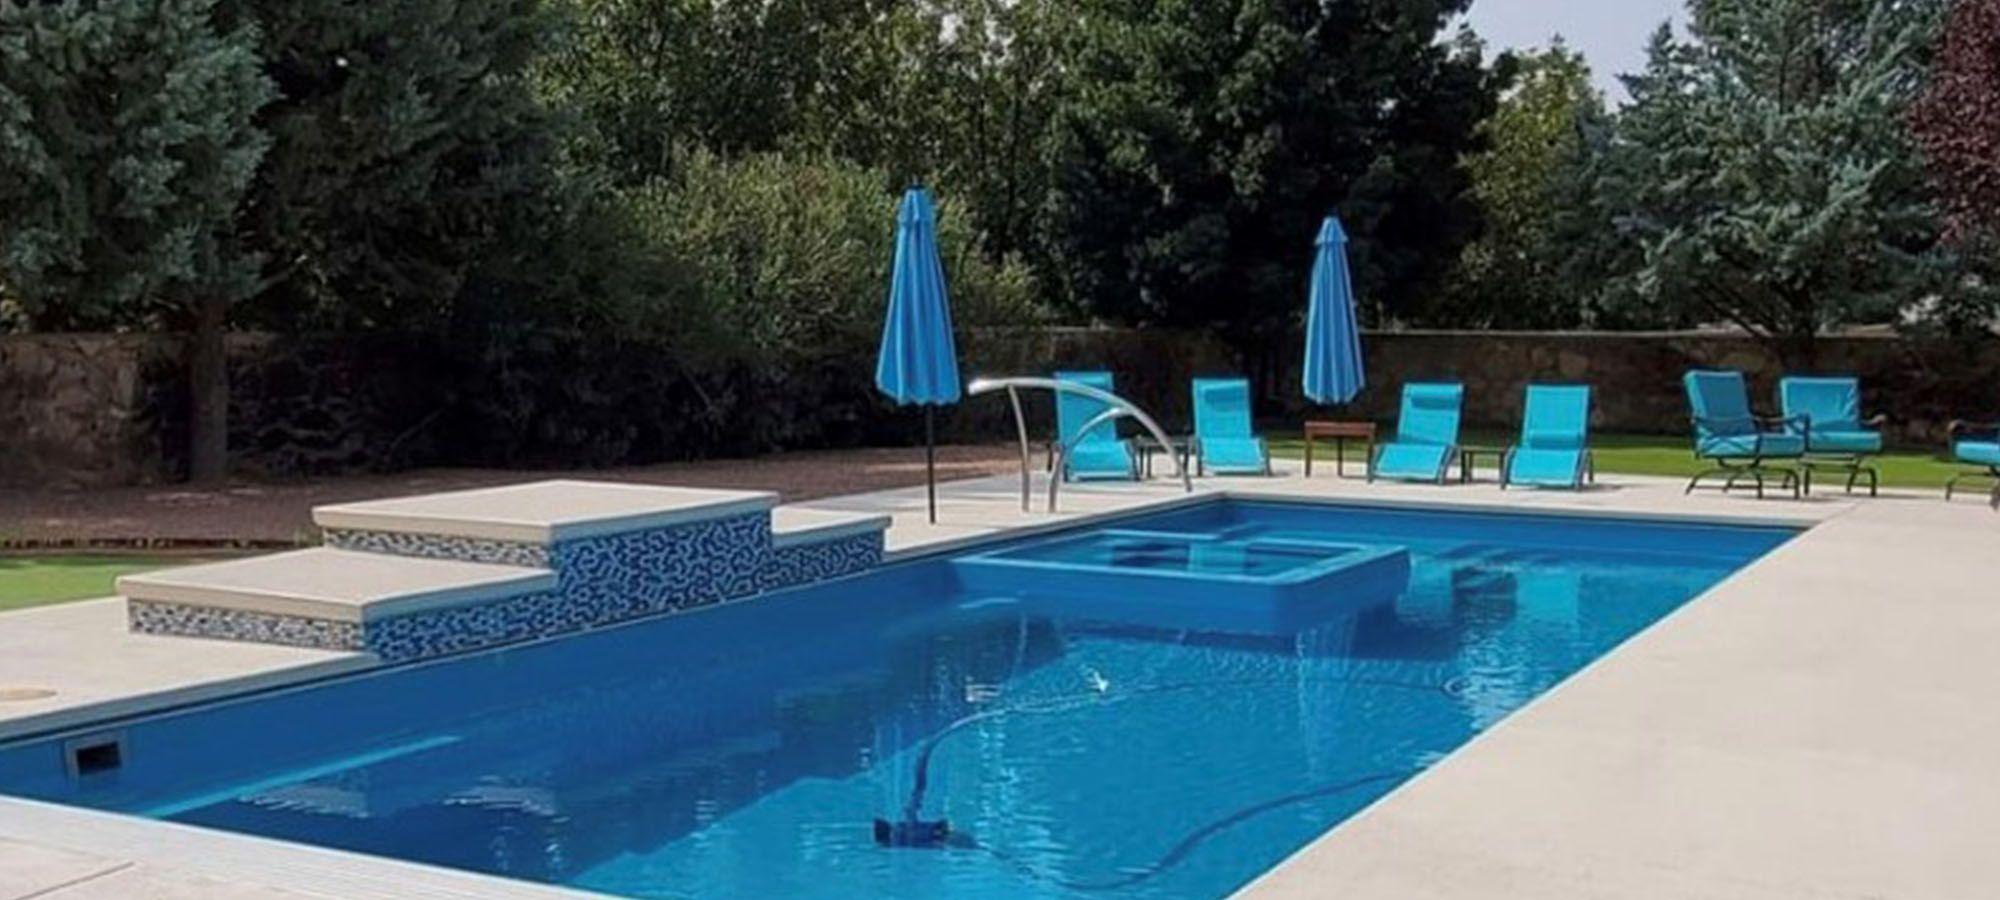 Exquisite Pool Designs